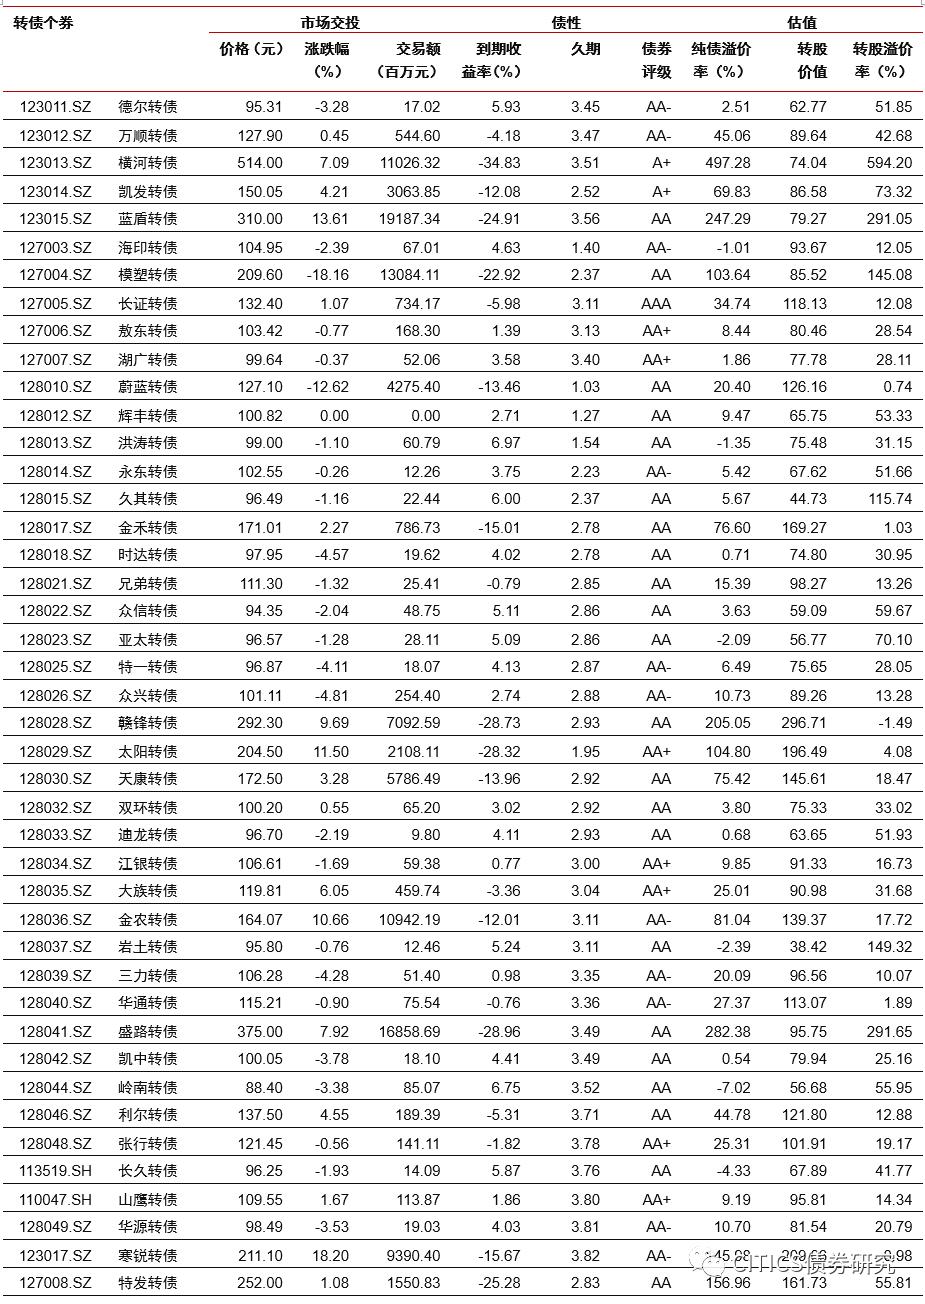 【可转债周报】趋势下的再均衡